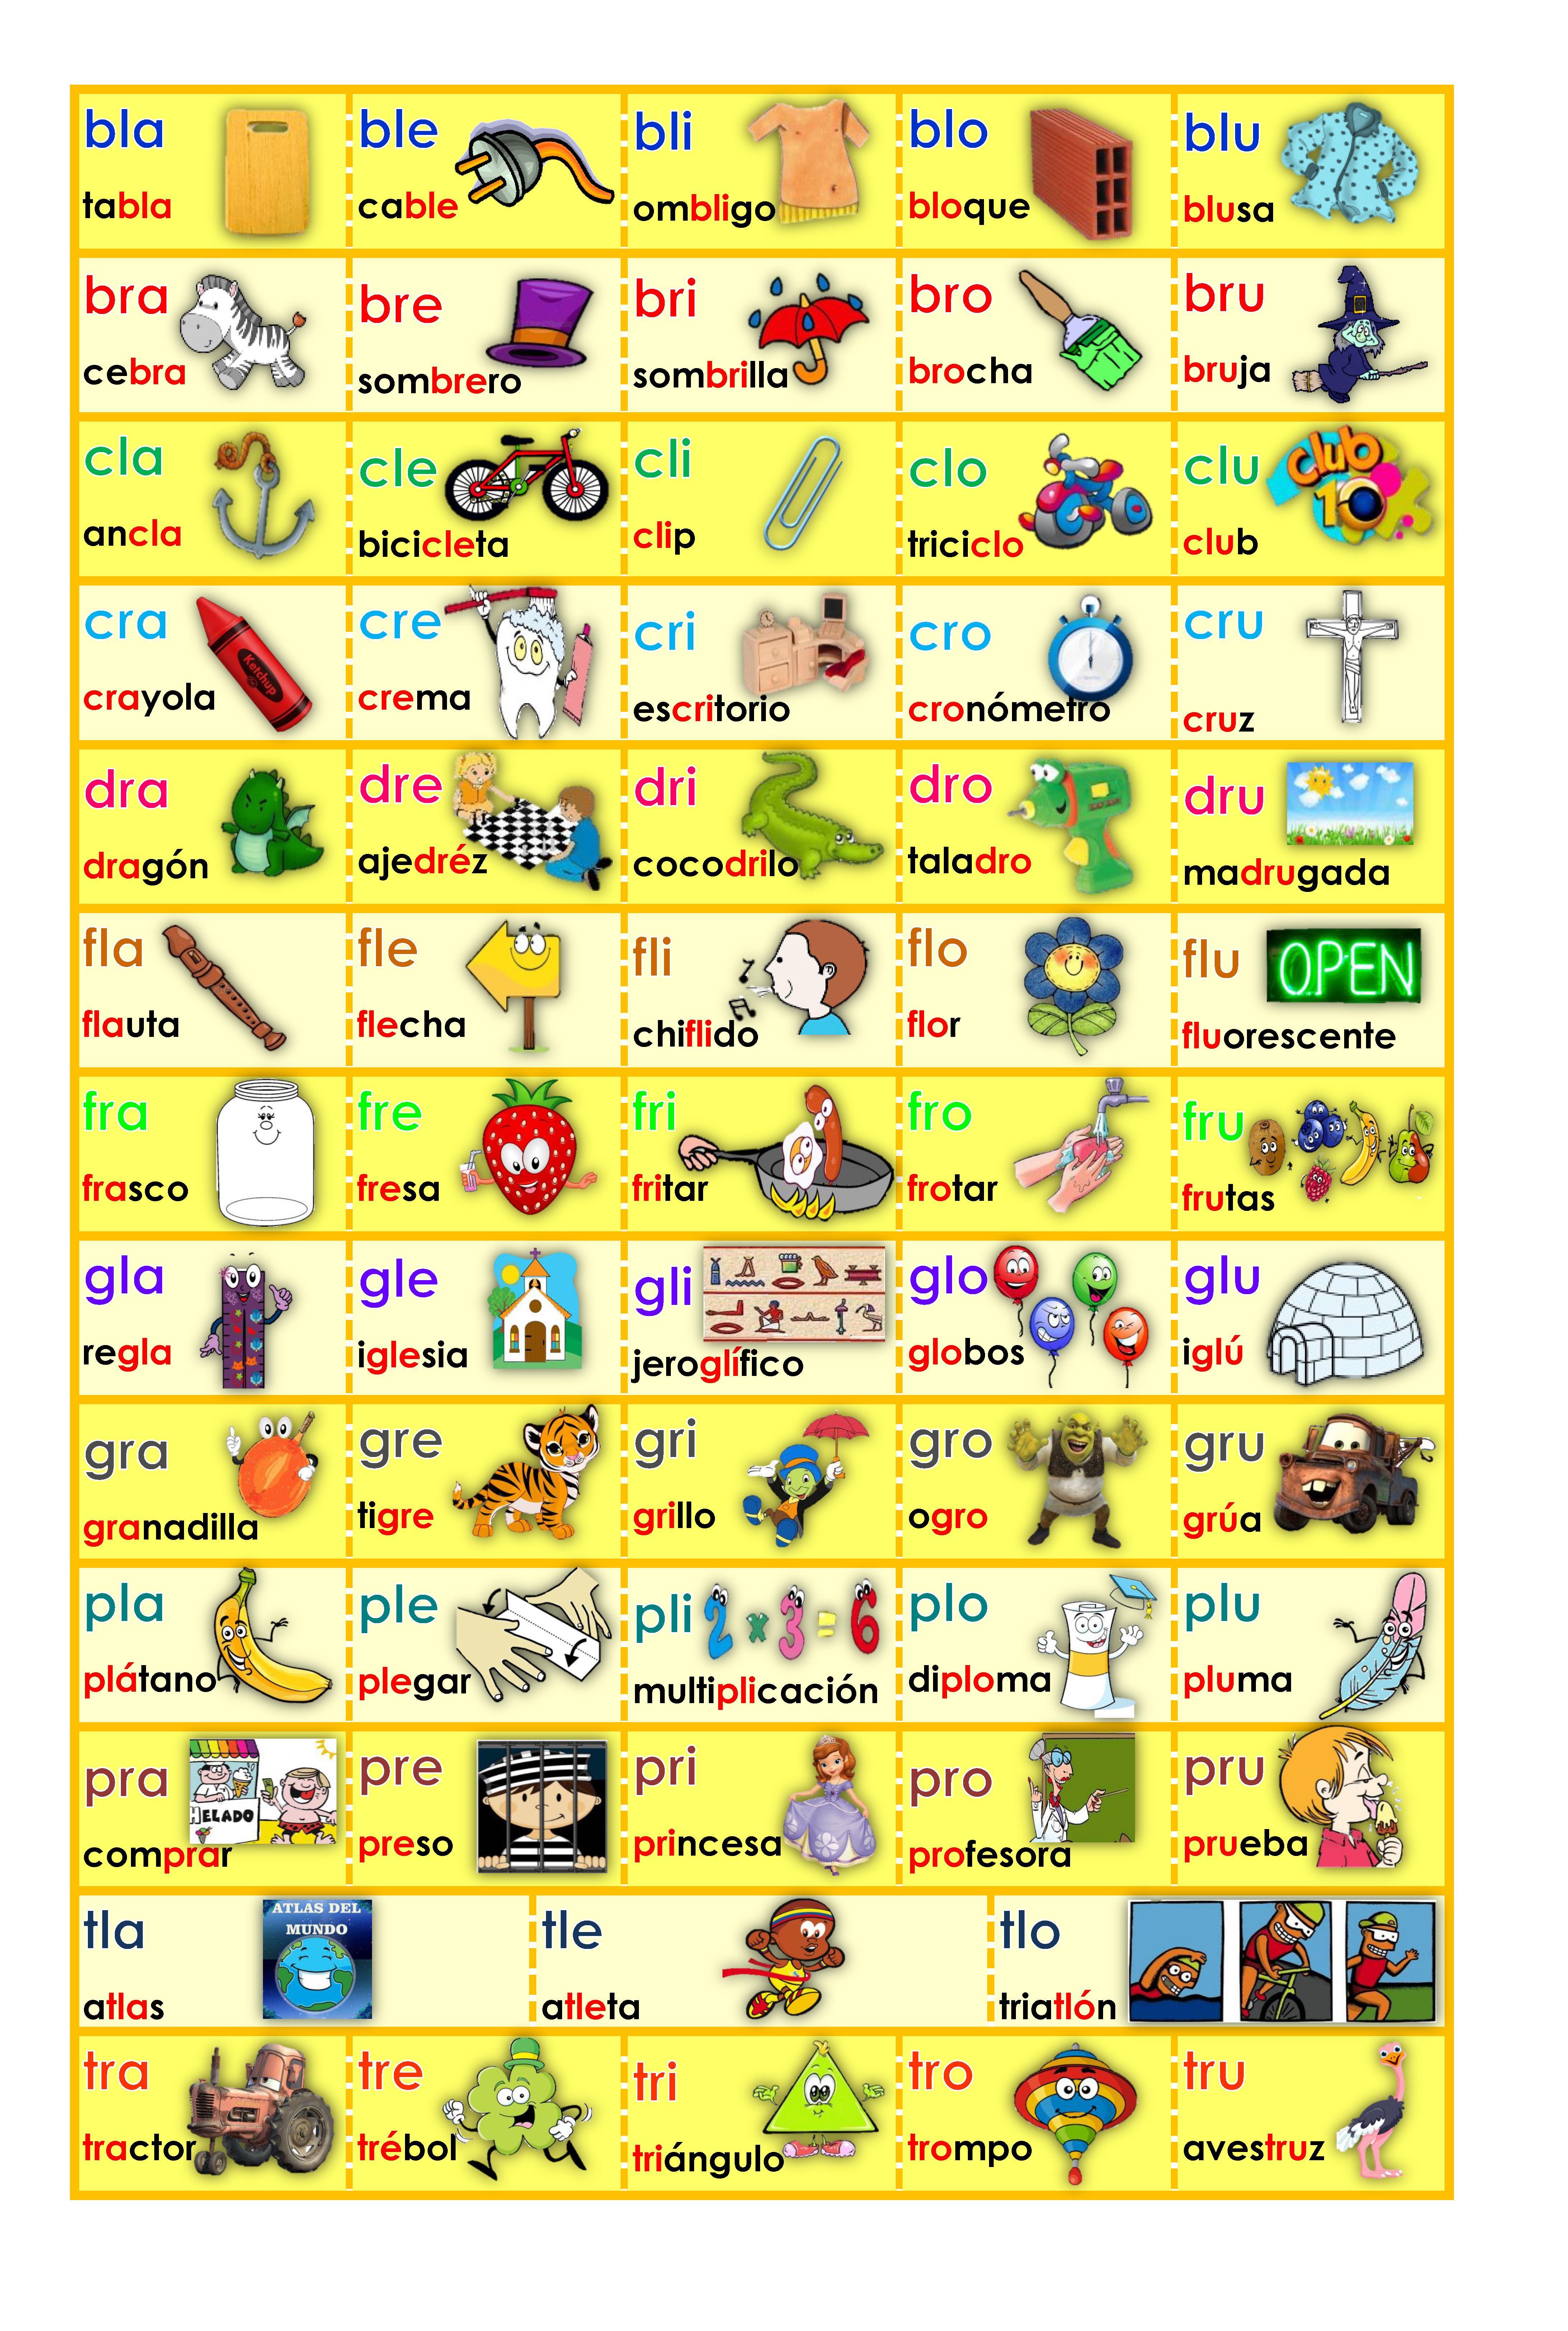 Silabas Afiche De Sinfones O Silabas Trabadas En Letra